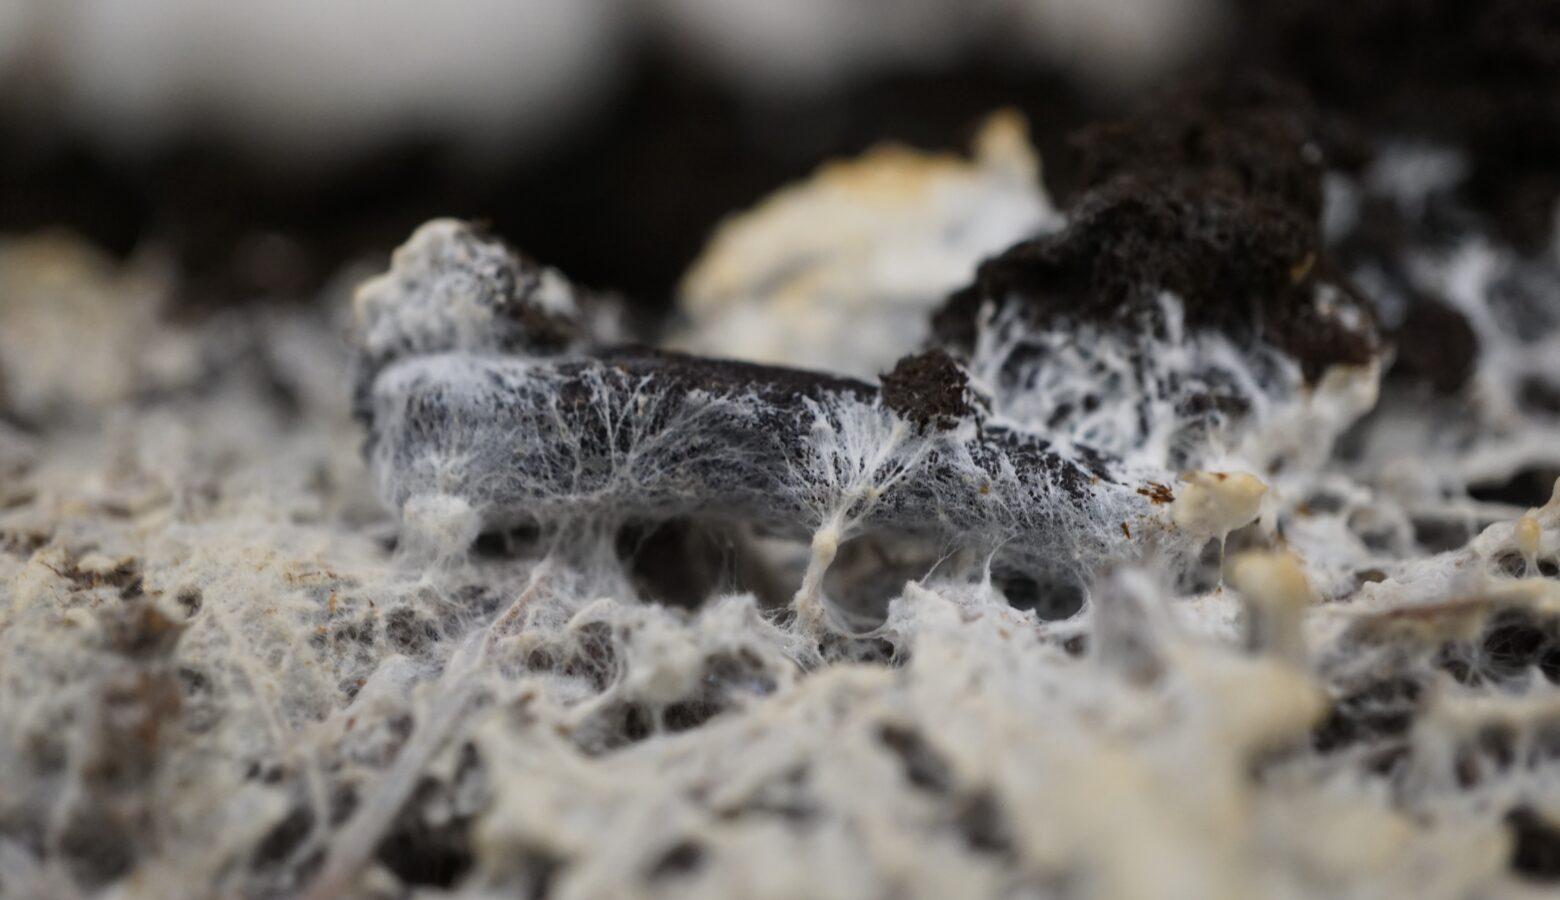 Mycelium Alison Harrington CC BY SA